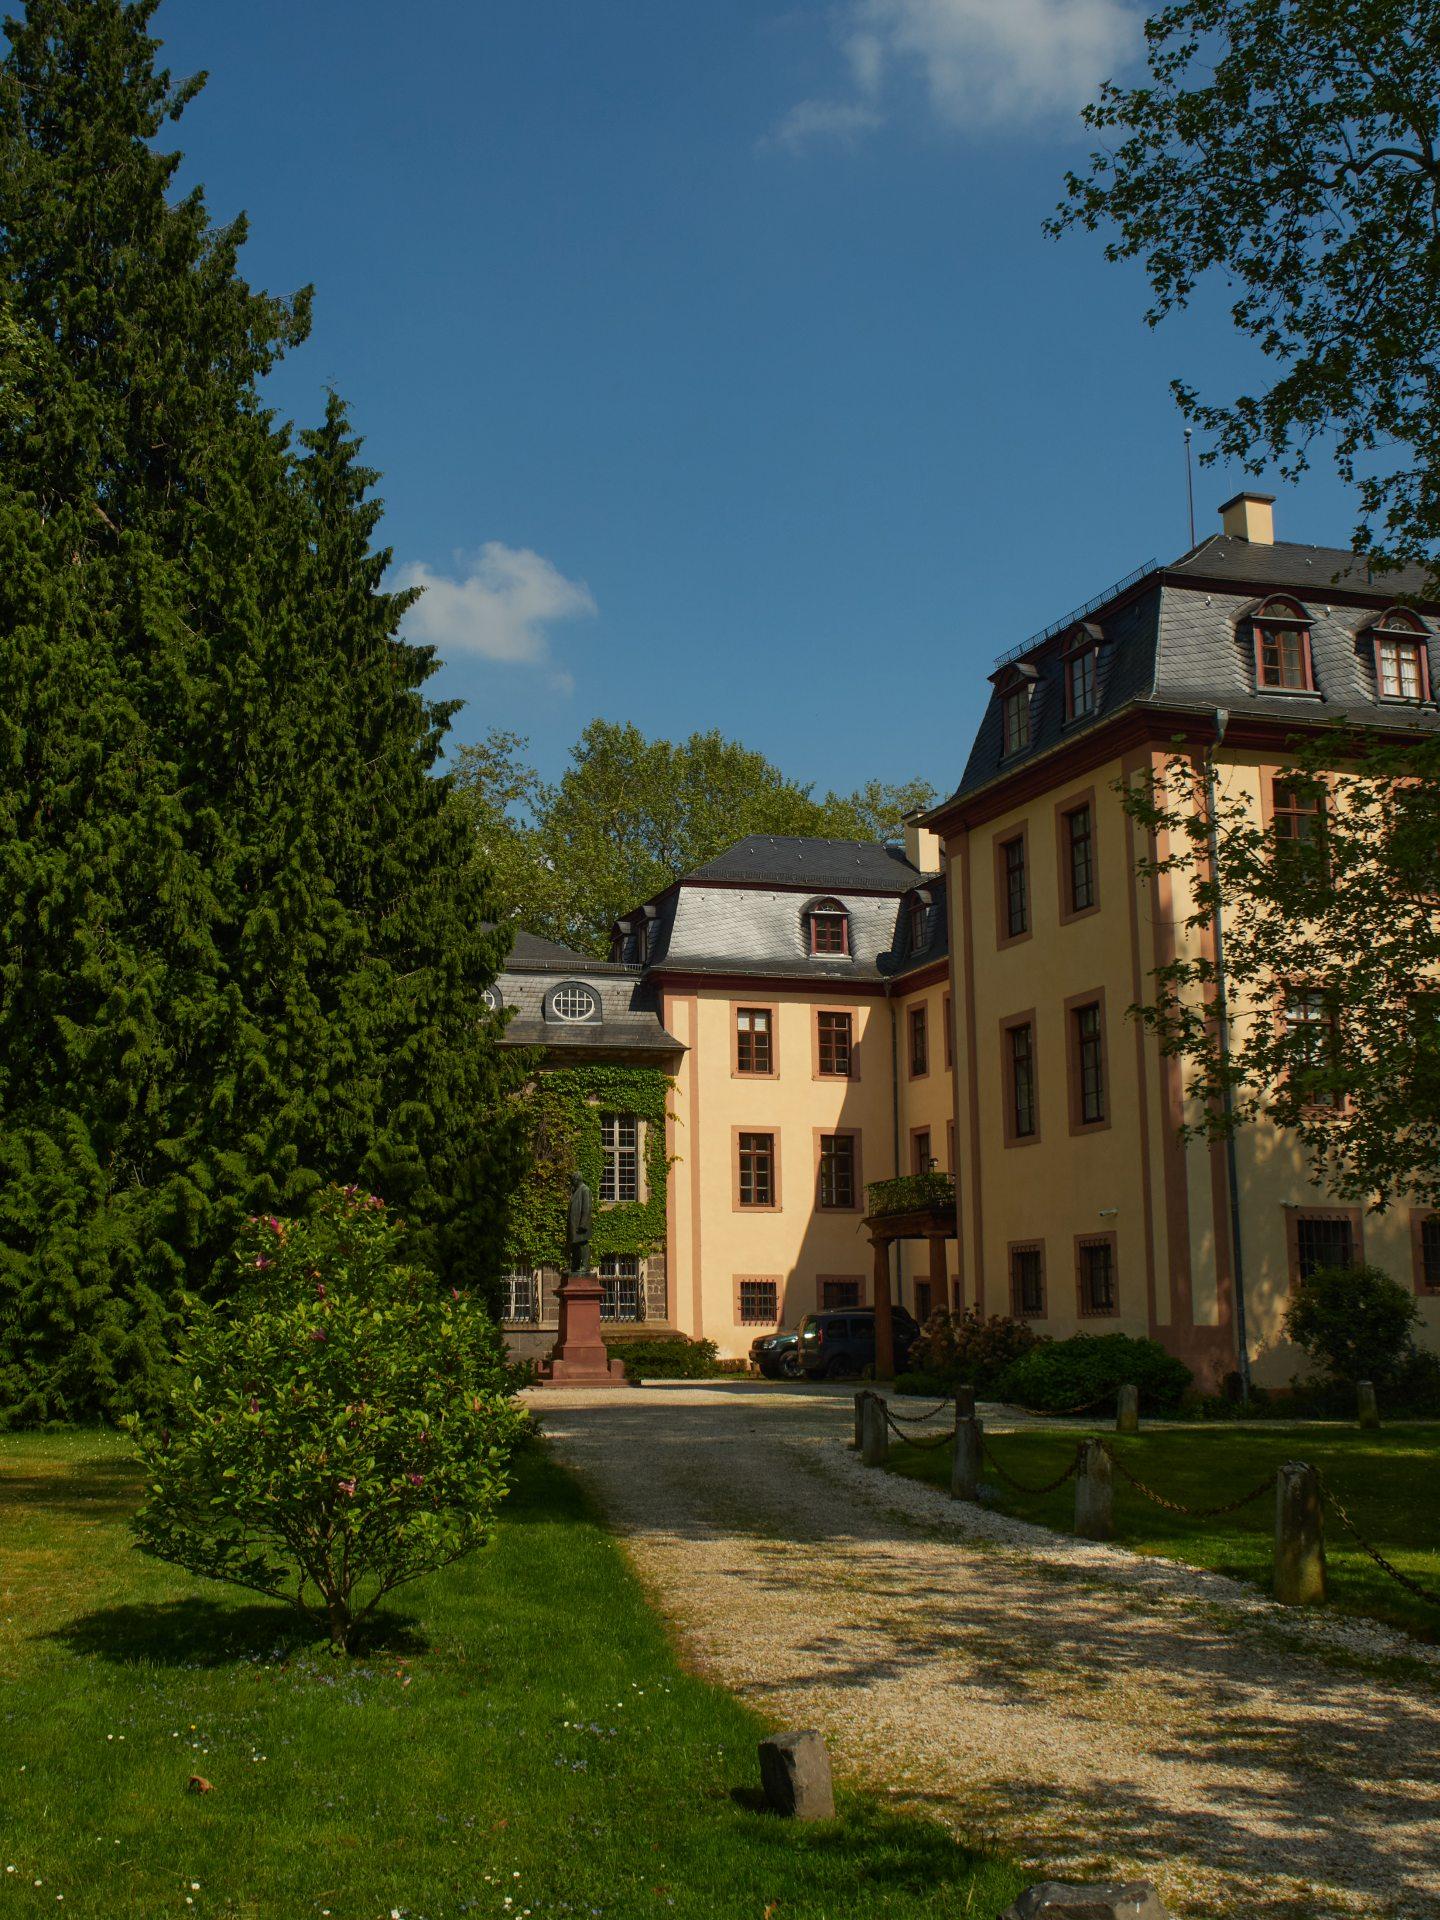 Das Schloß der Fürsten zu Solms. Es ist im Besitz der Familie und der Zutritt nicht gestattet. Den Schloßpark haben sie immerhin öffentlich zugänglich gemacht